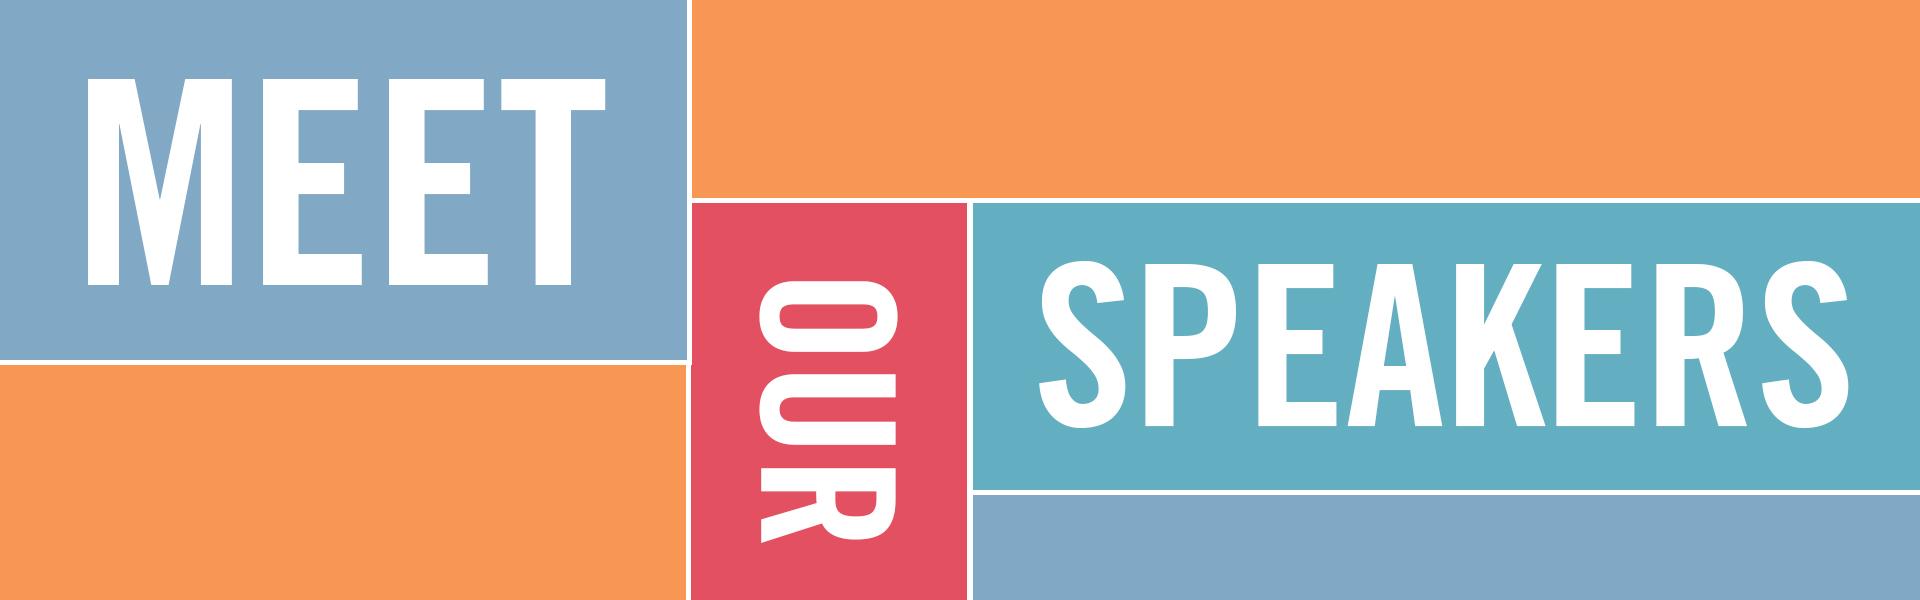 WEB BANNER_Meet Our Speakers_1920x600_V1.jpg